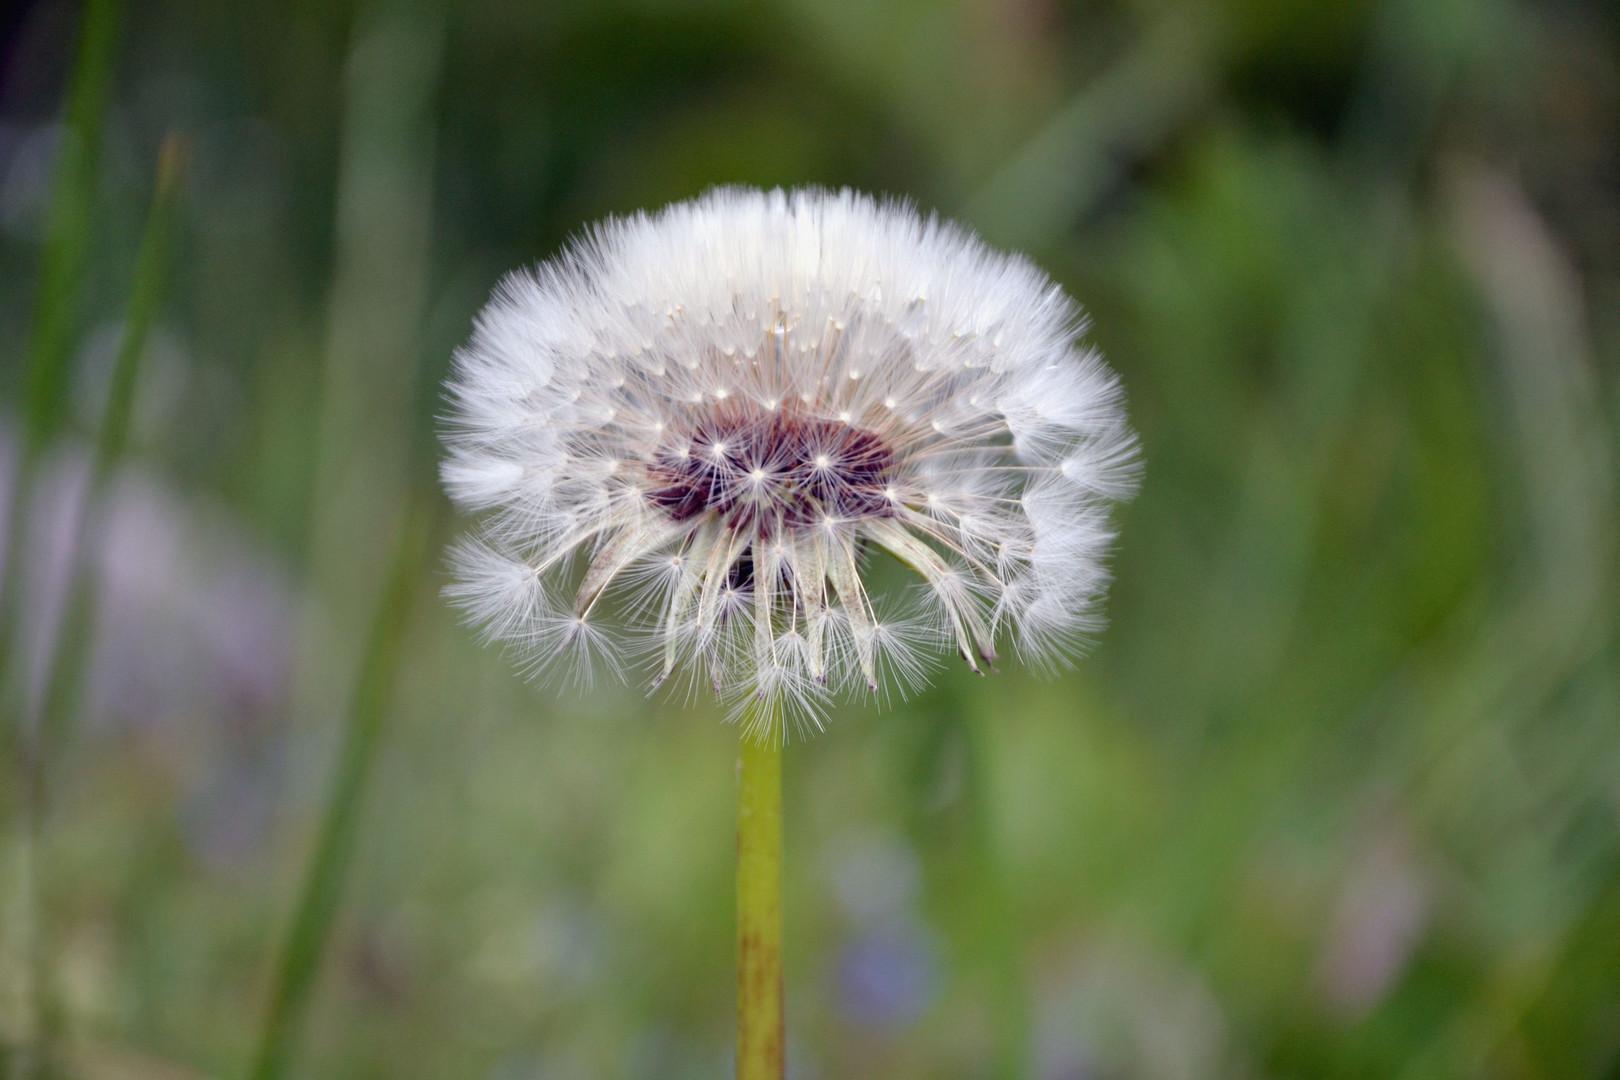 Die kleinen Wunder erfreuen uns das Leben.